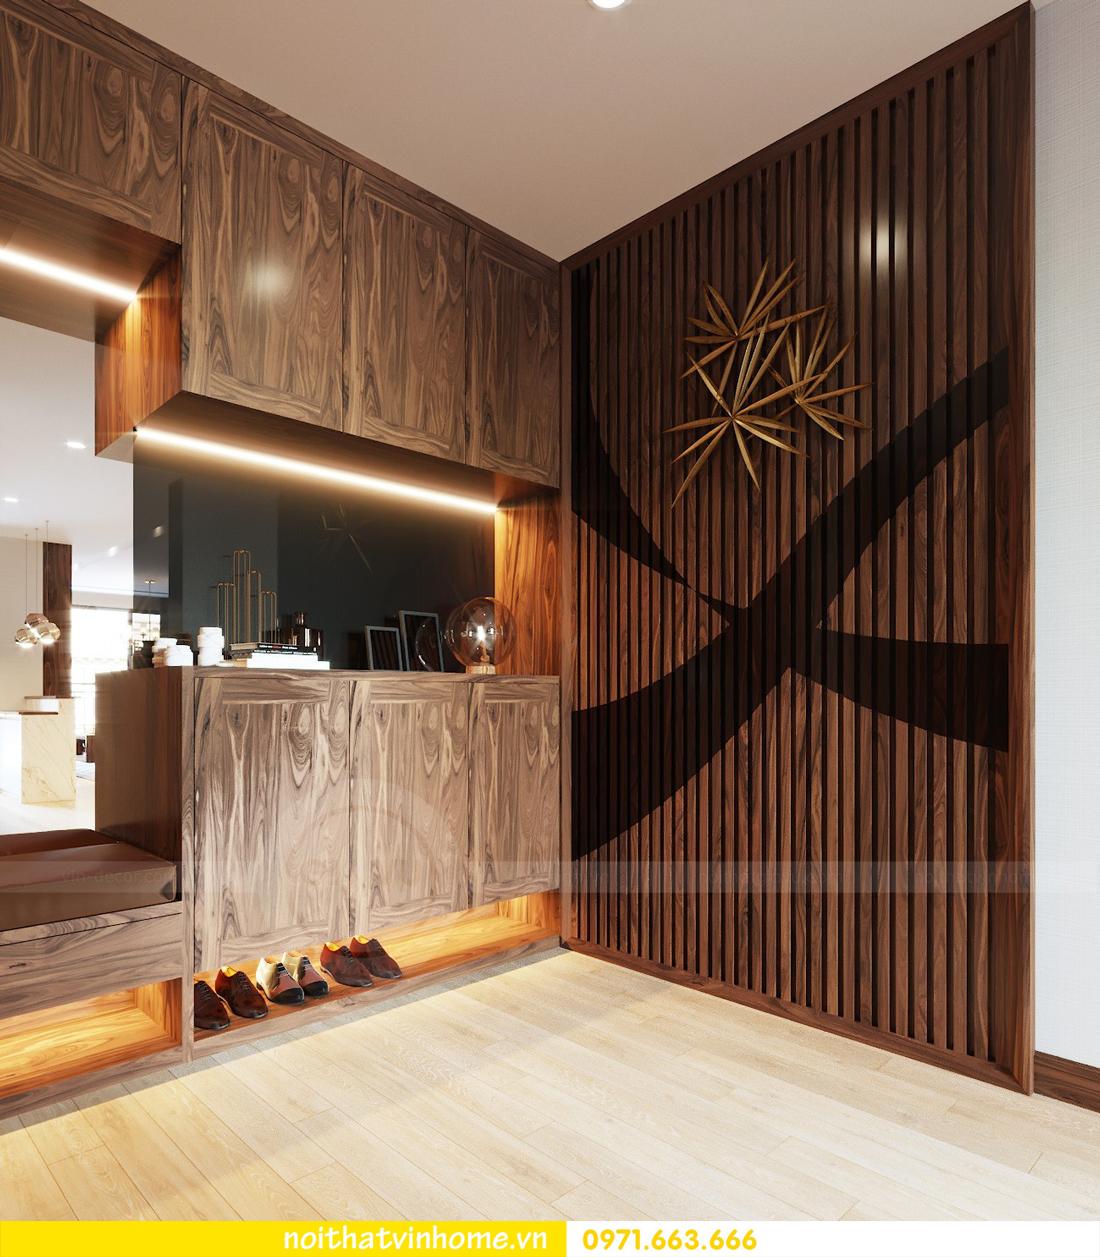 thiết kế thi công nội thất gỗ óc chó tòa M2 căn 11 chung cư Metropolis chú Bình 01